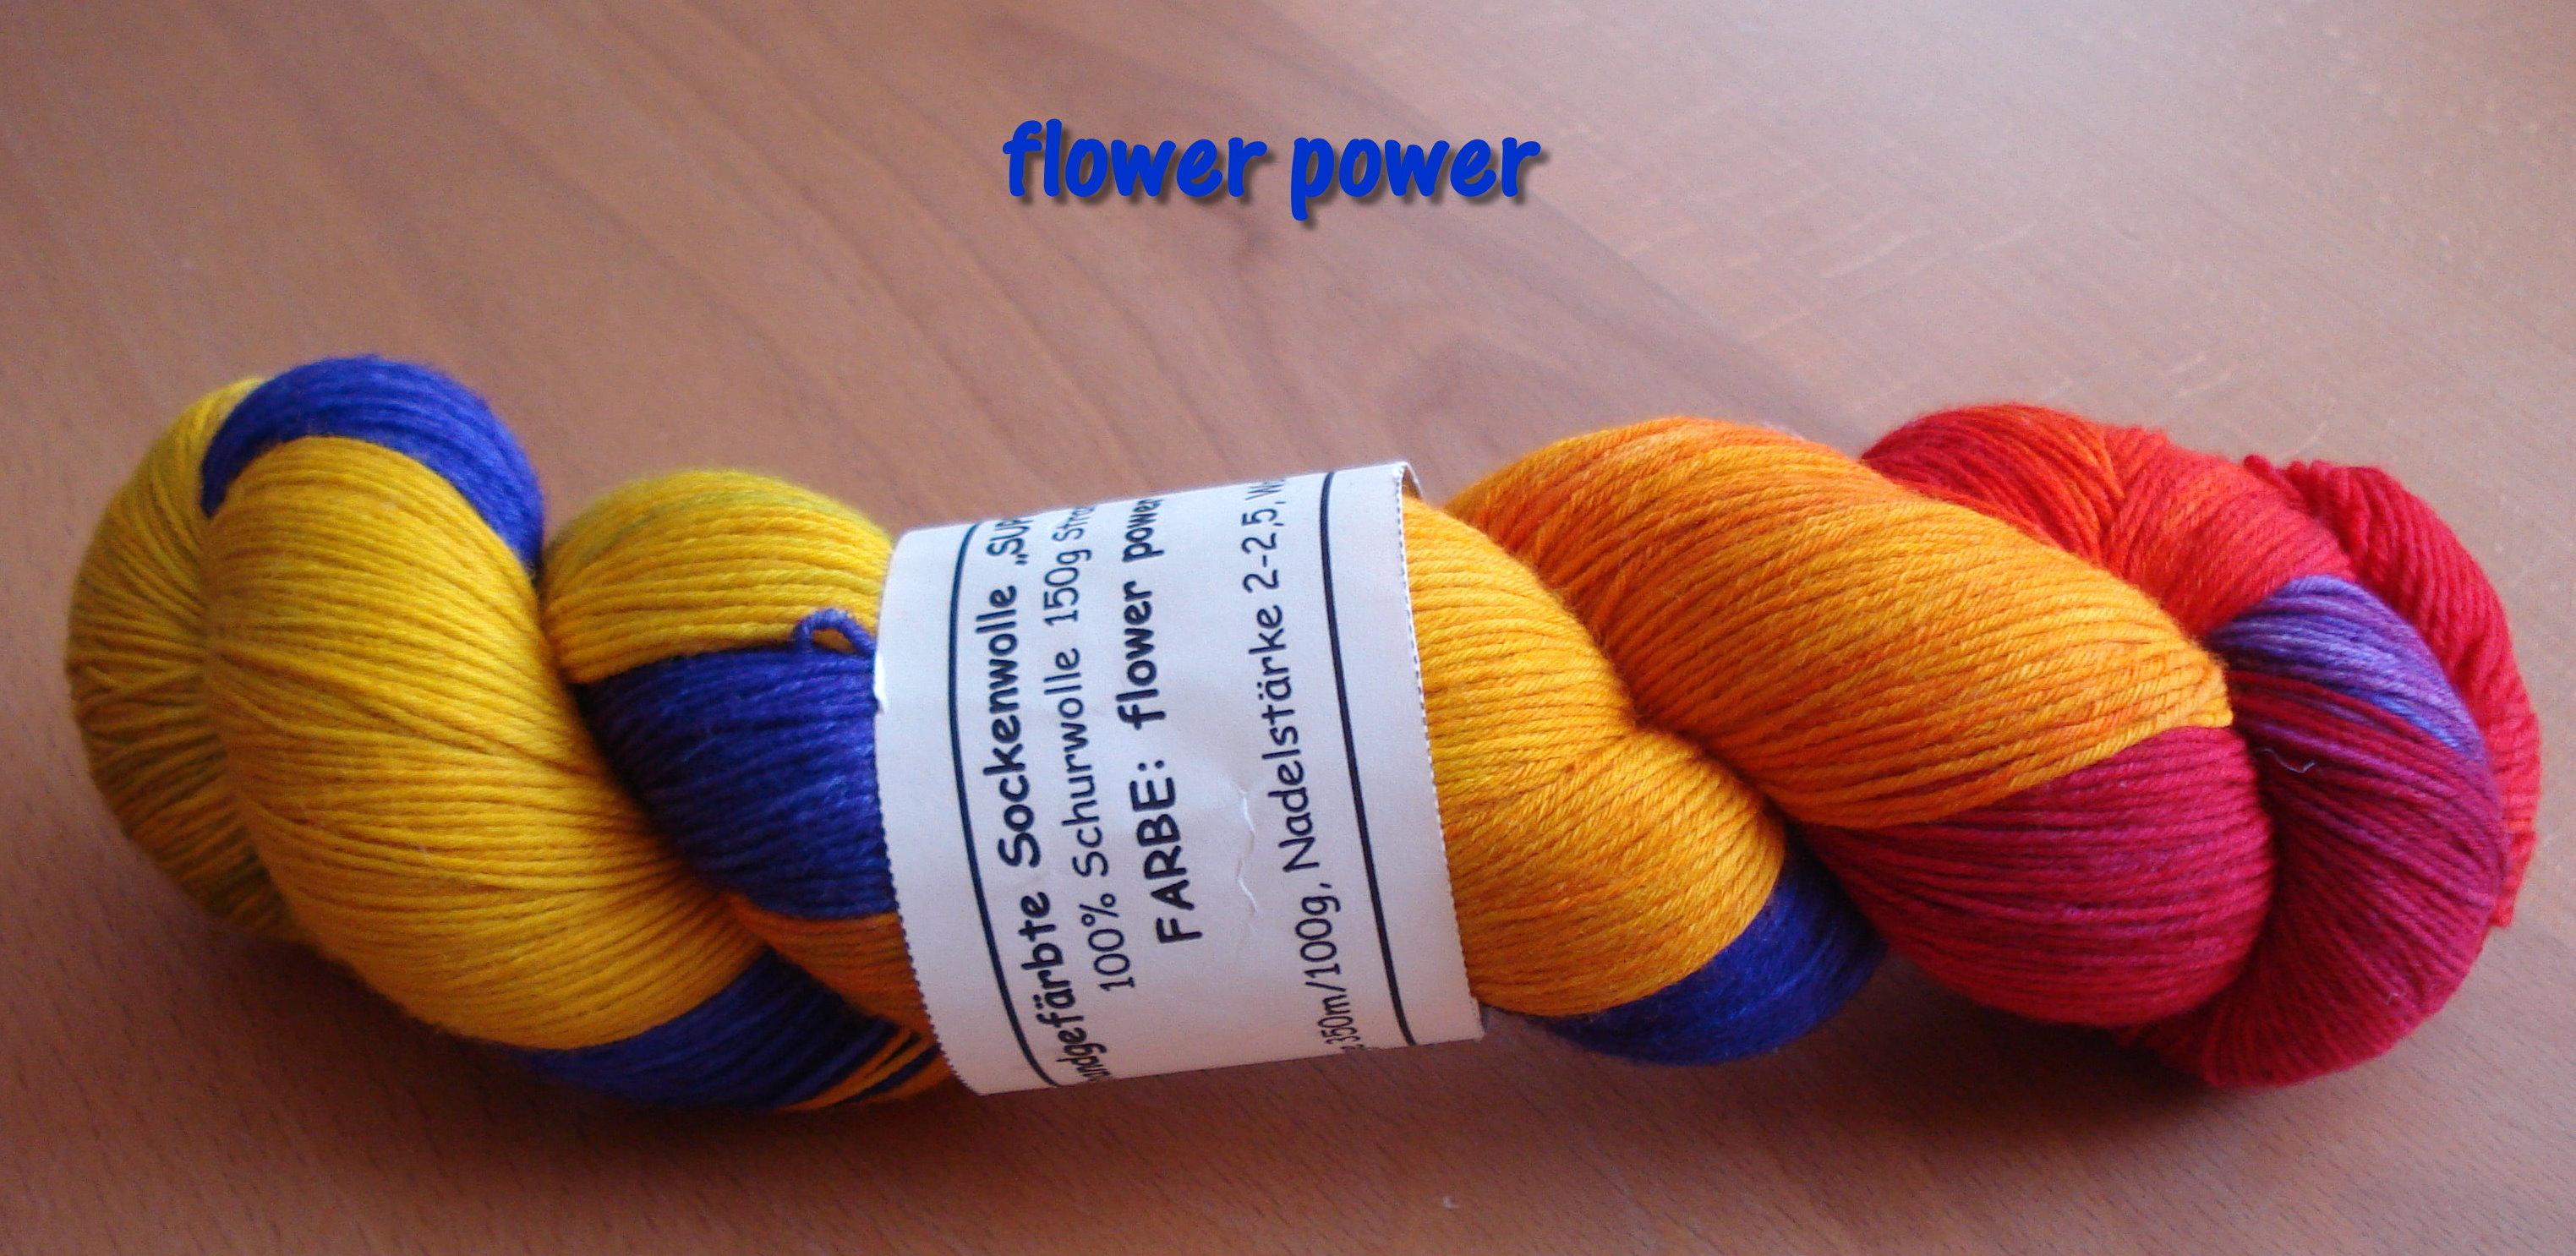 wollmeise-flower-power.JPG